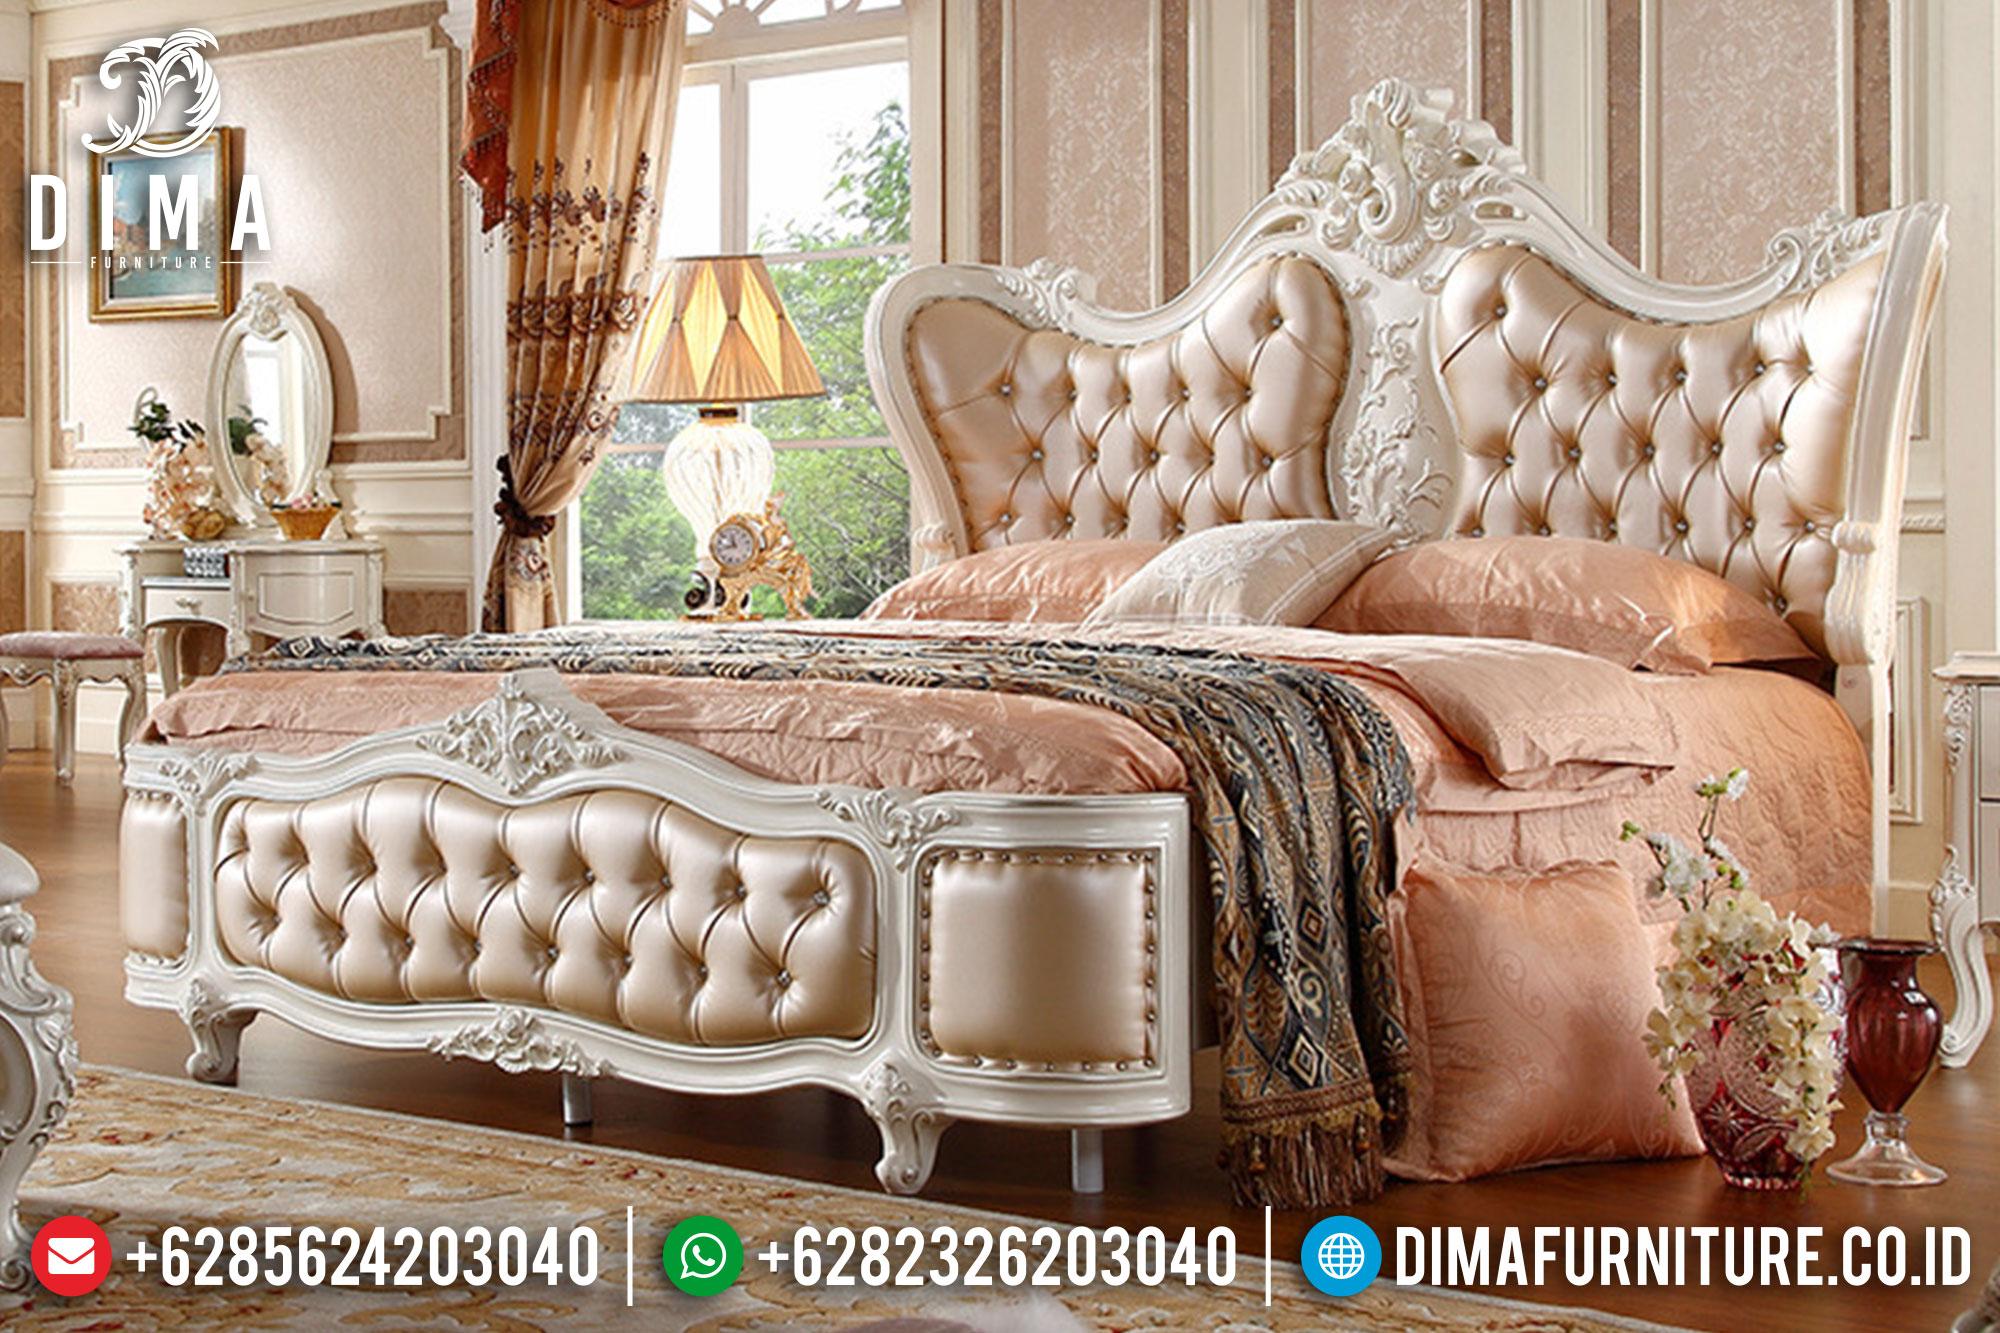 Tempat Tidur Klasik Mewah Mebel Jepara Terbaru ST-0125